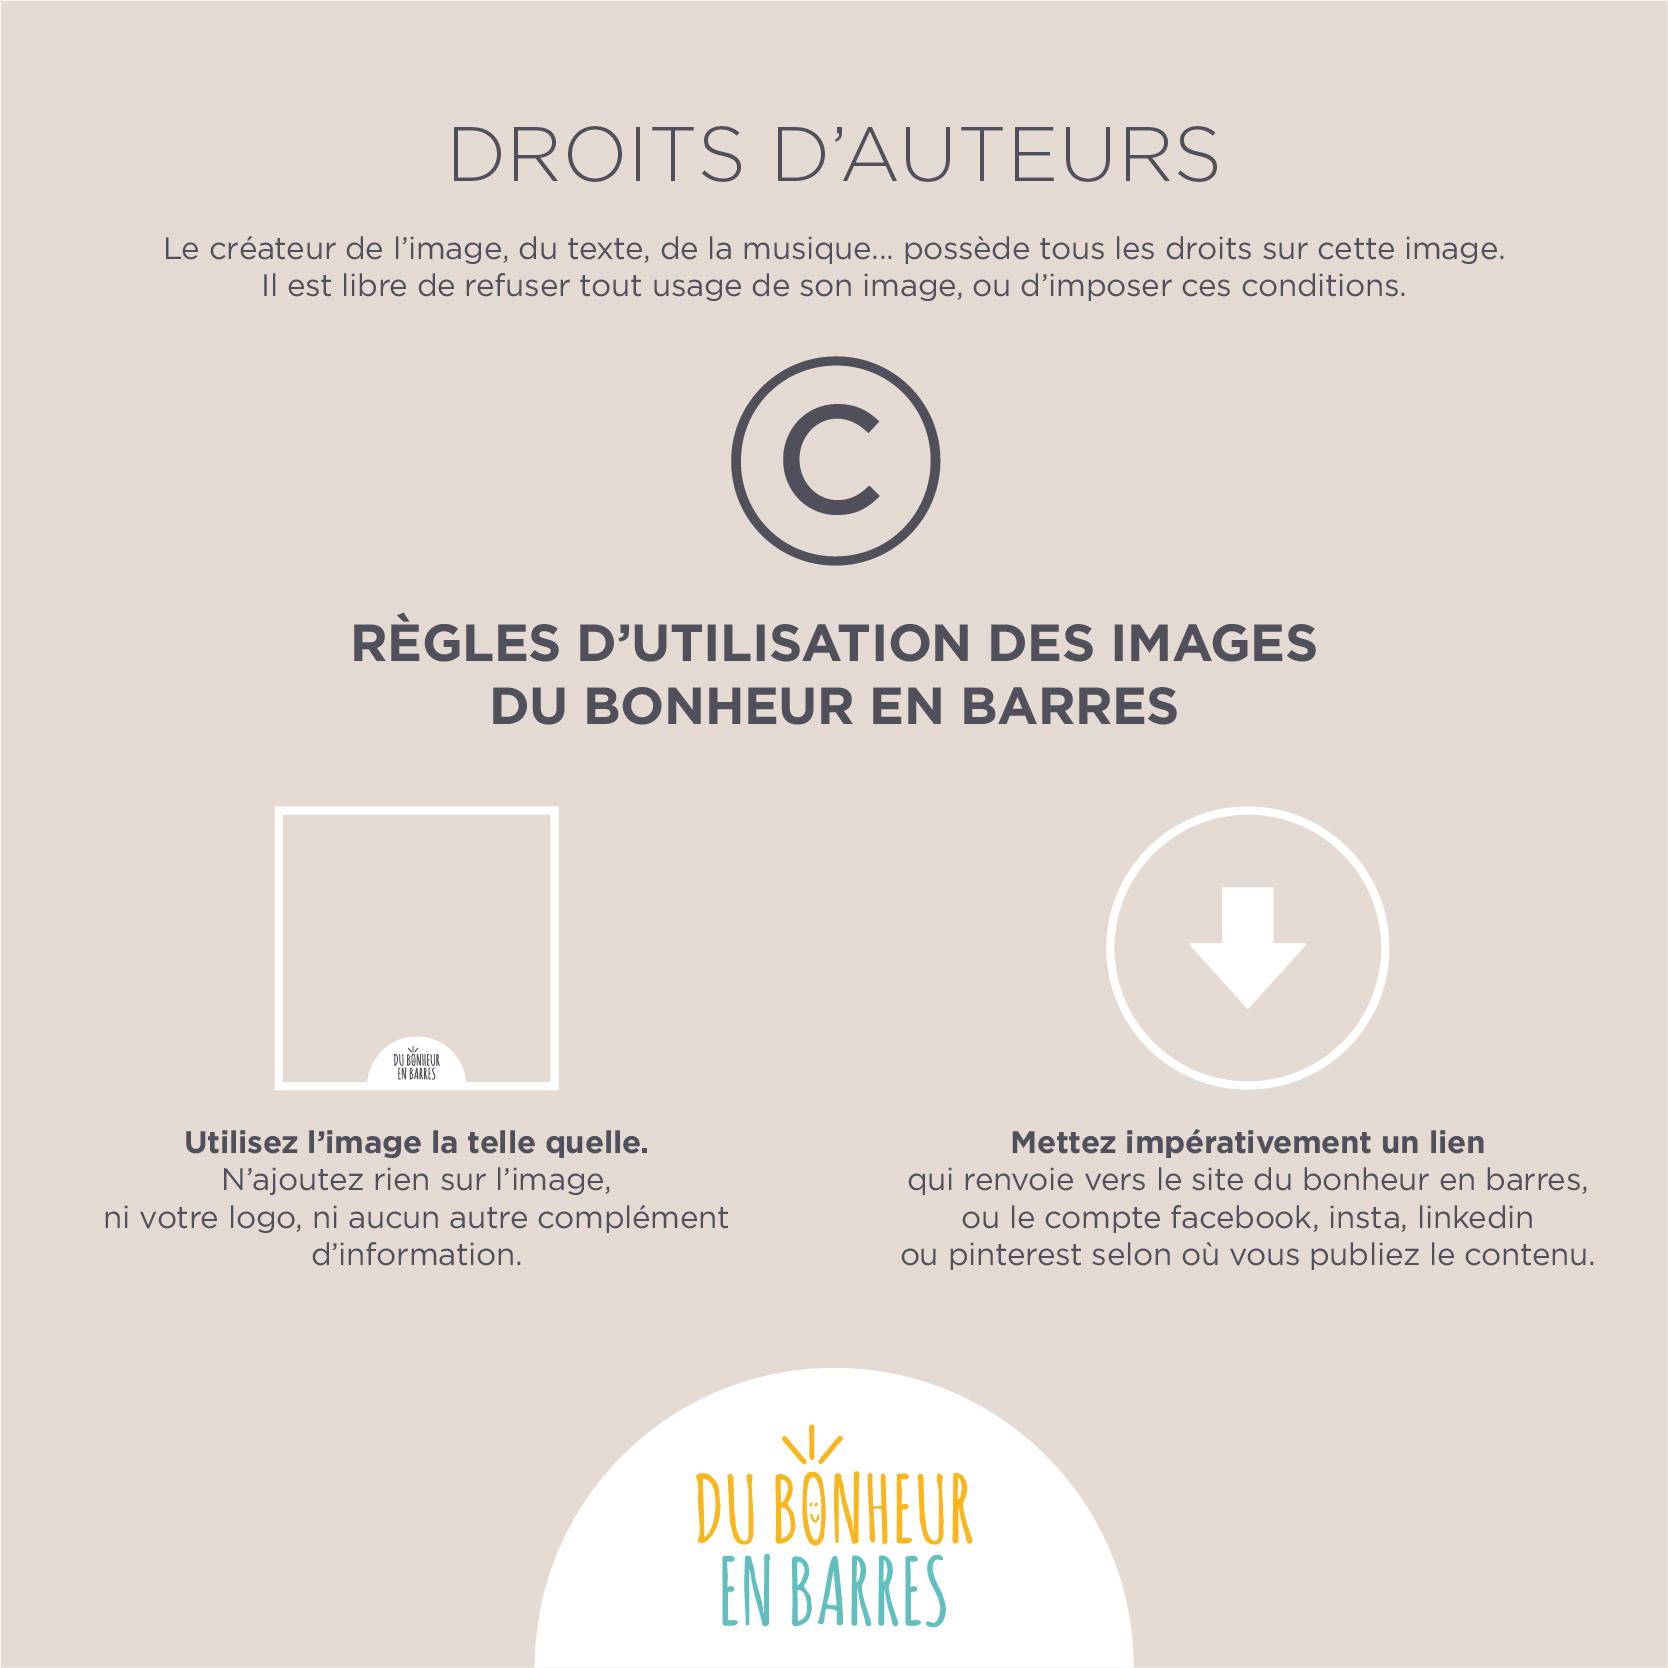 droits-dauteur-utilisation-des-images-du-bonheur-en-barres